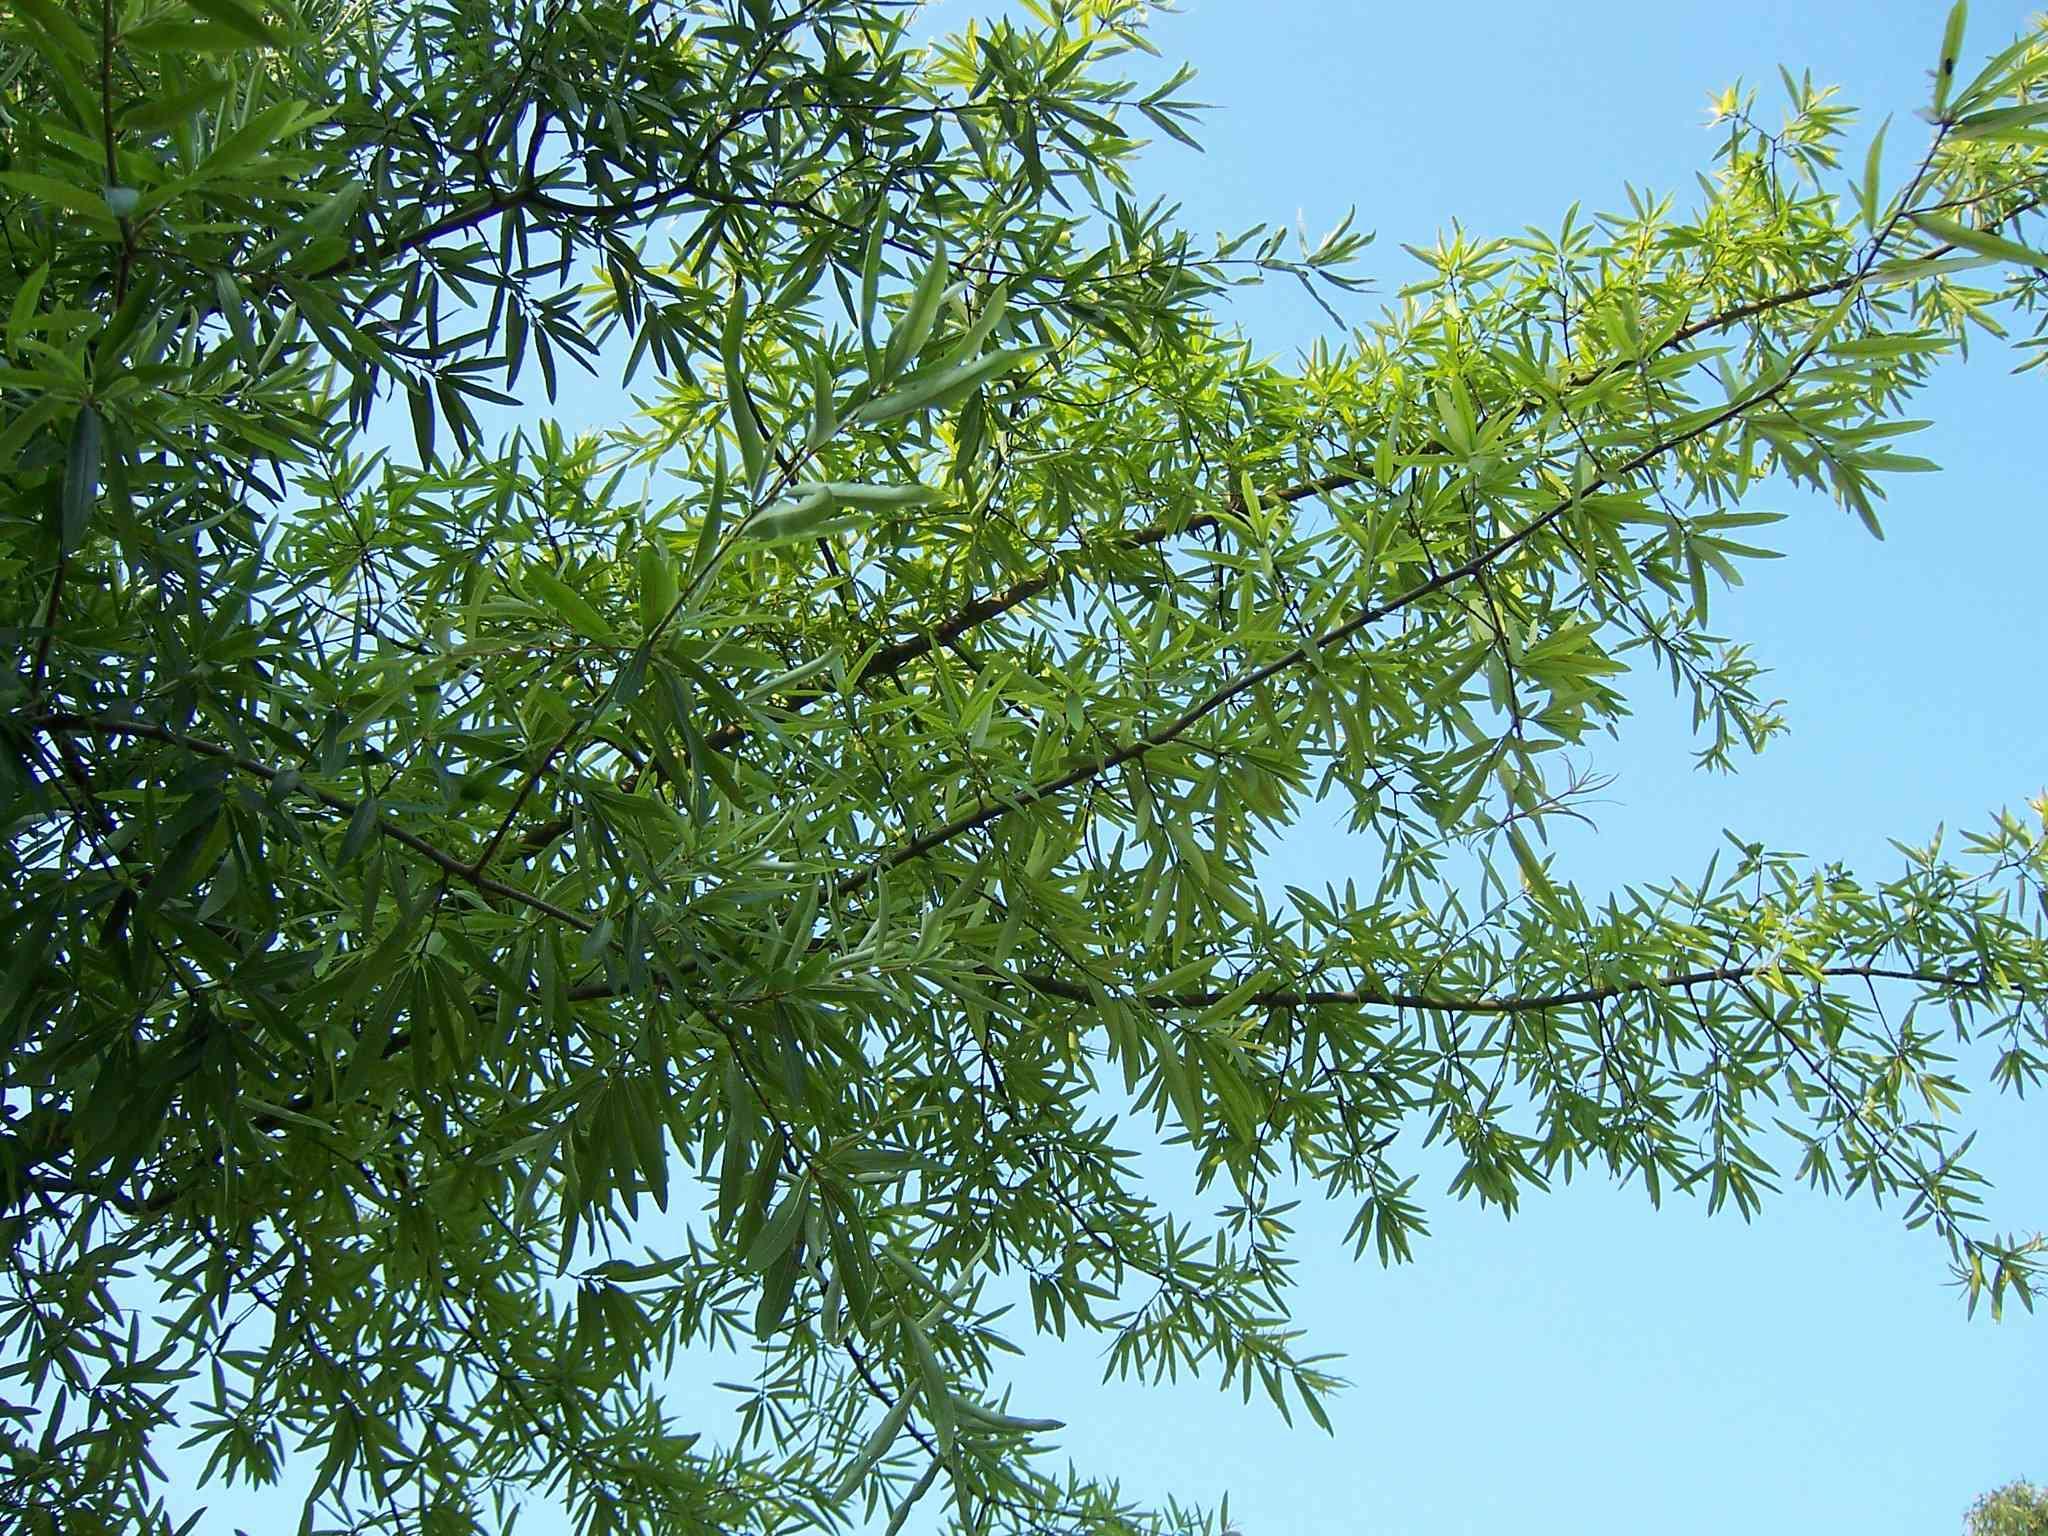 Willow Oak tree against a blue sky.